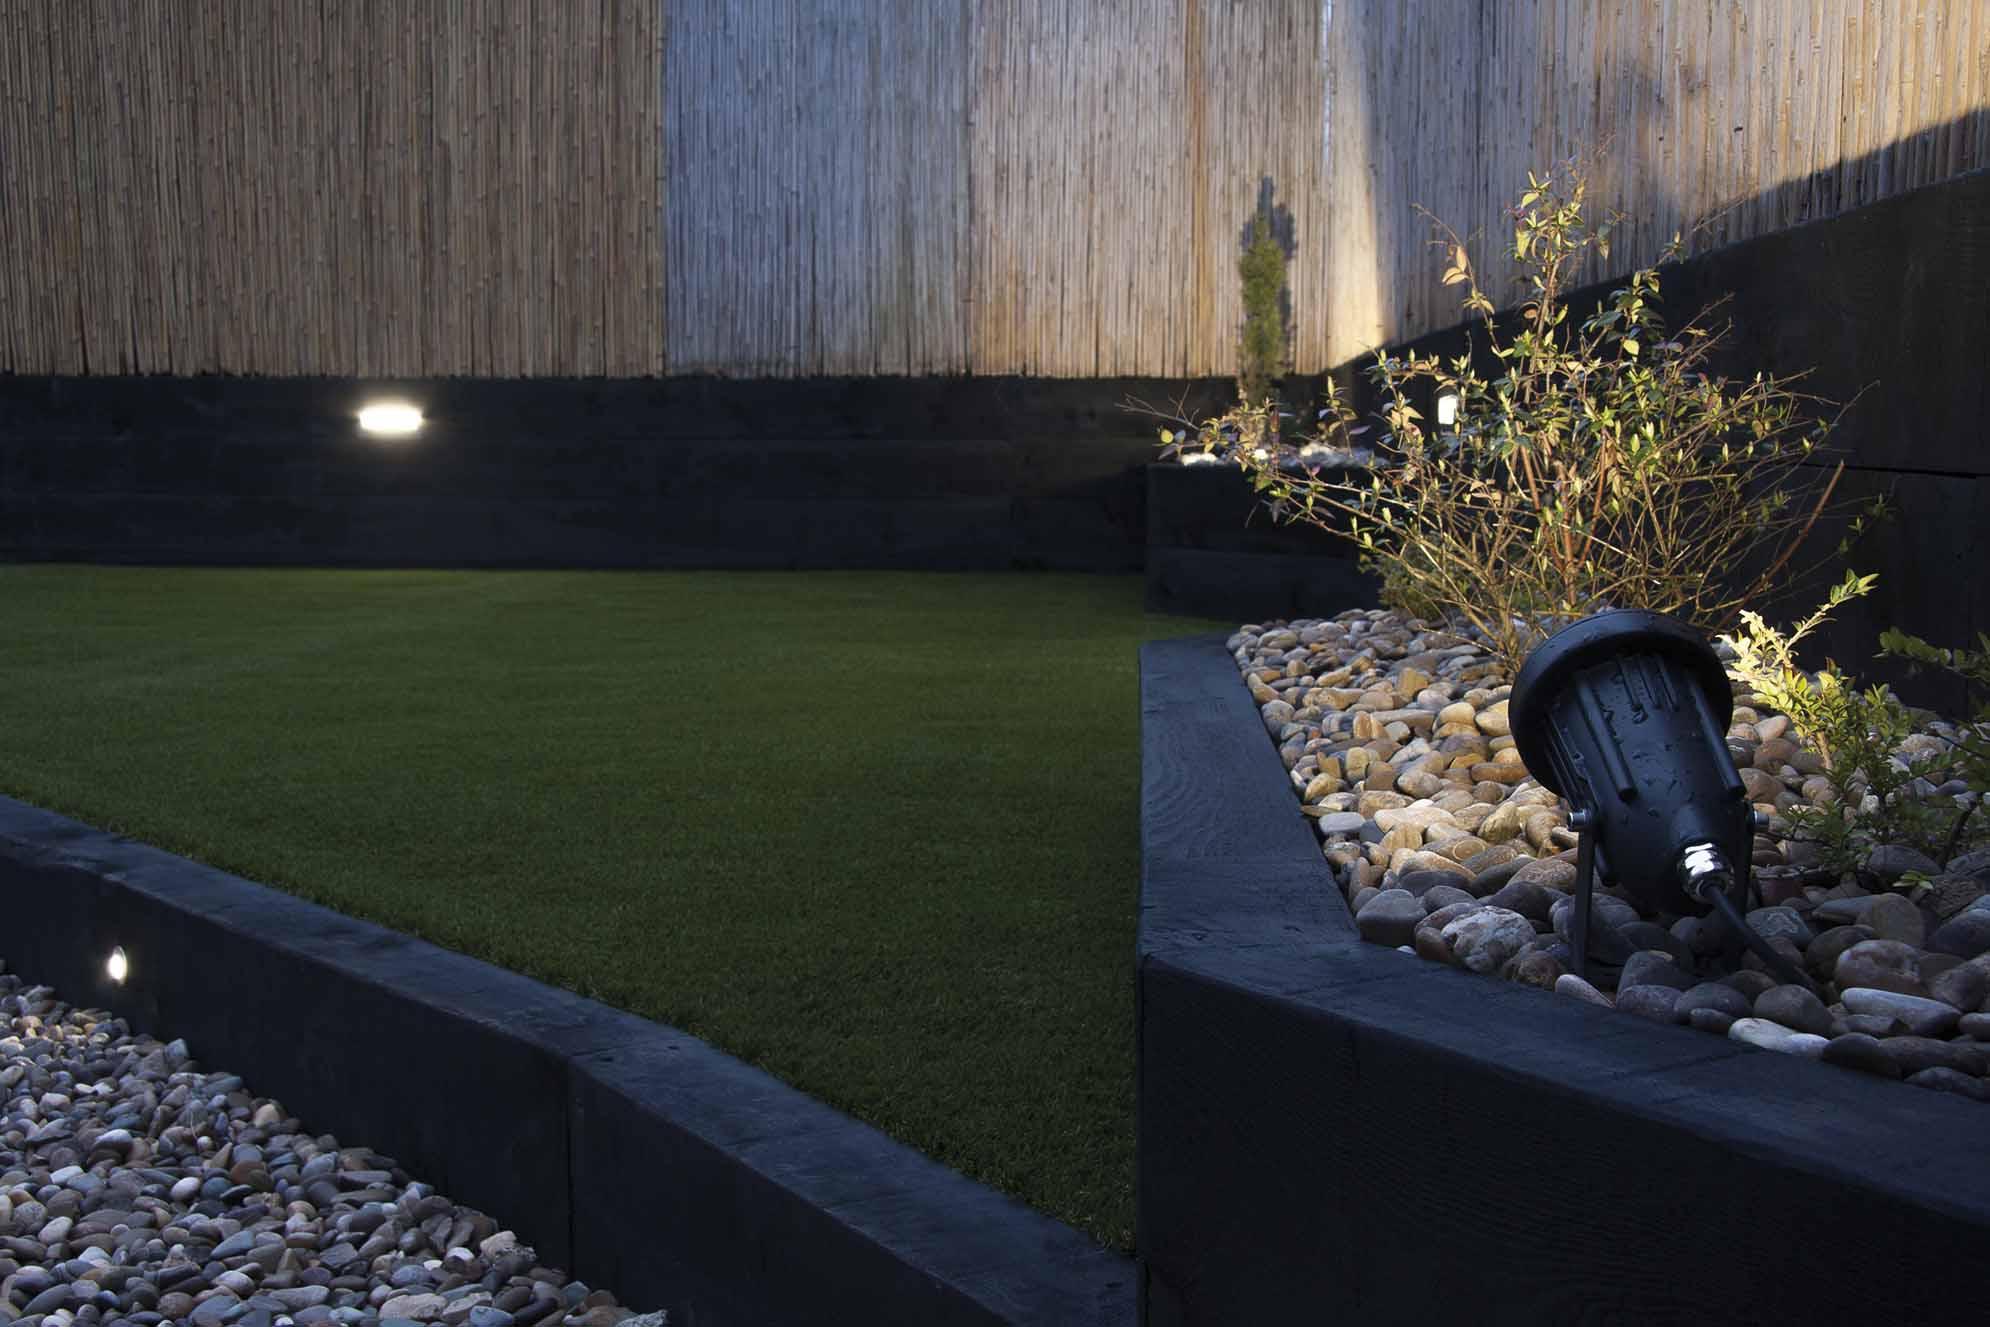 proyectos-iluminacion-jardin-20